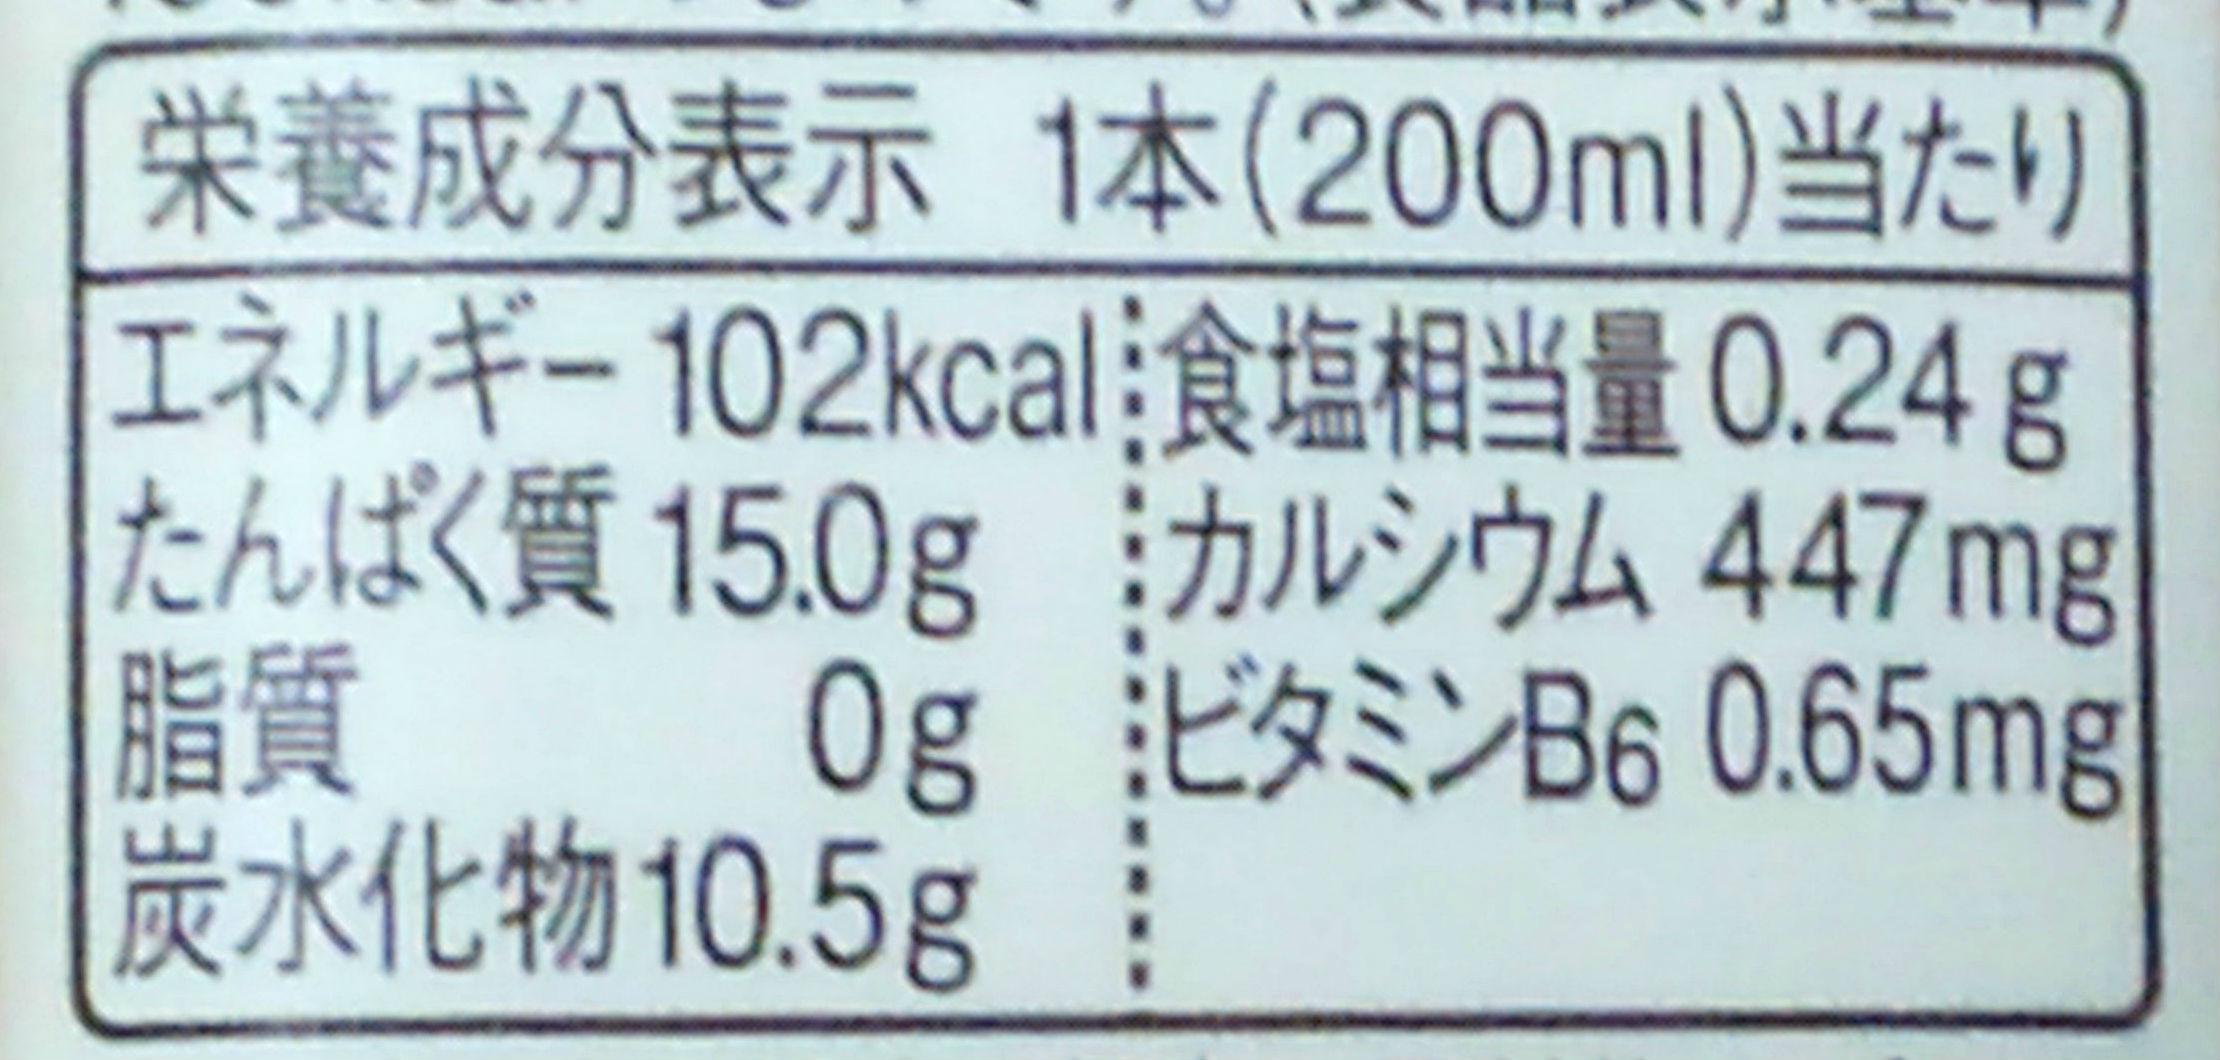 ザバスミルクプロテイン_ココア風味栄養成分